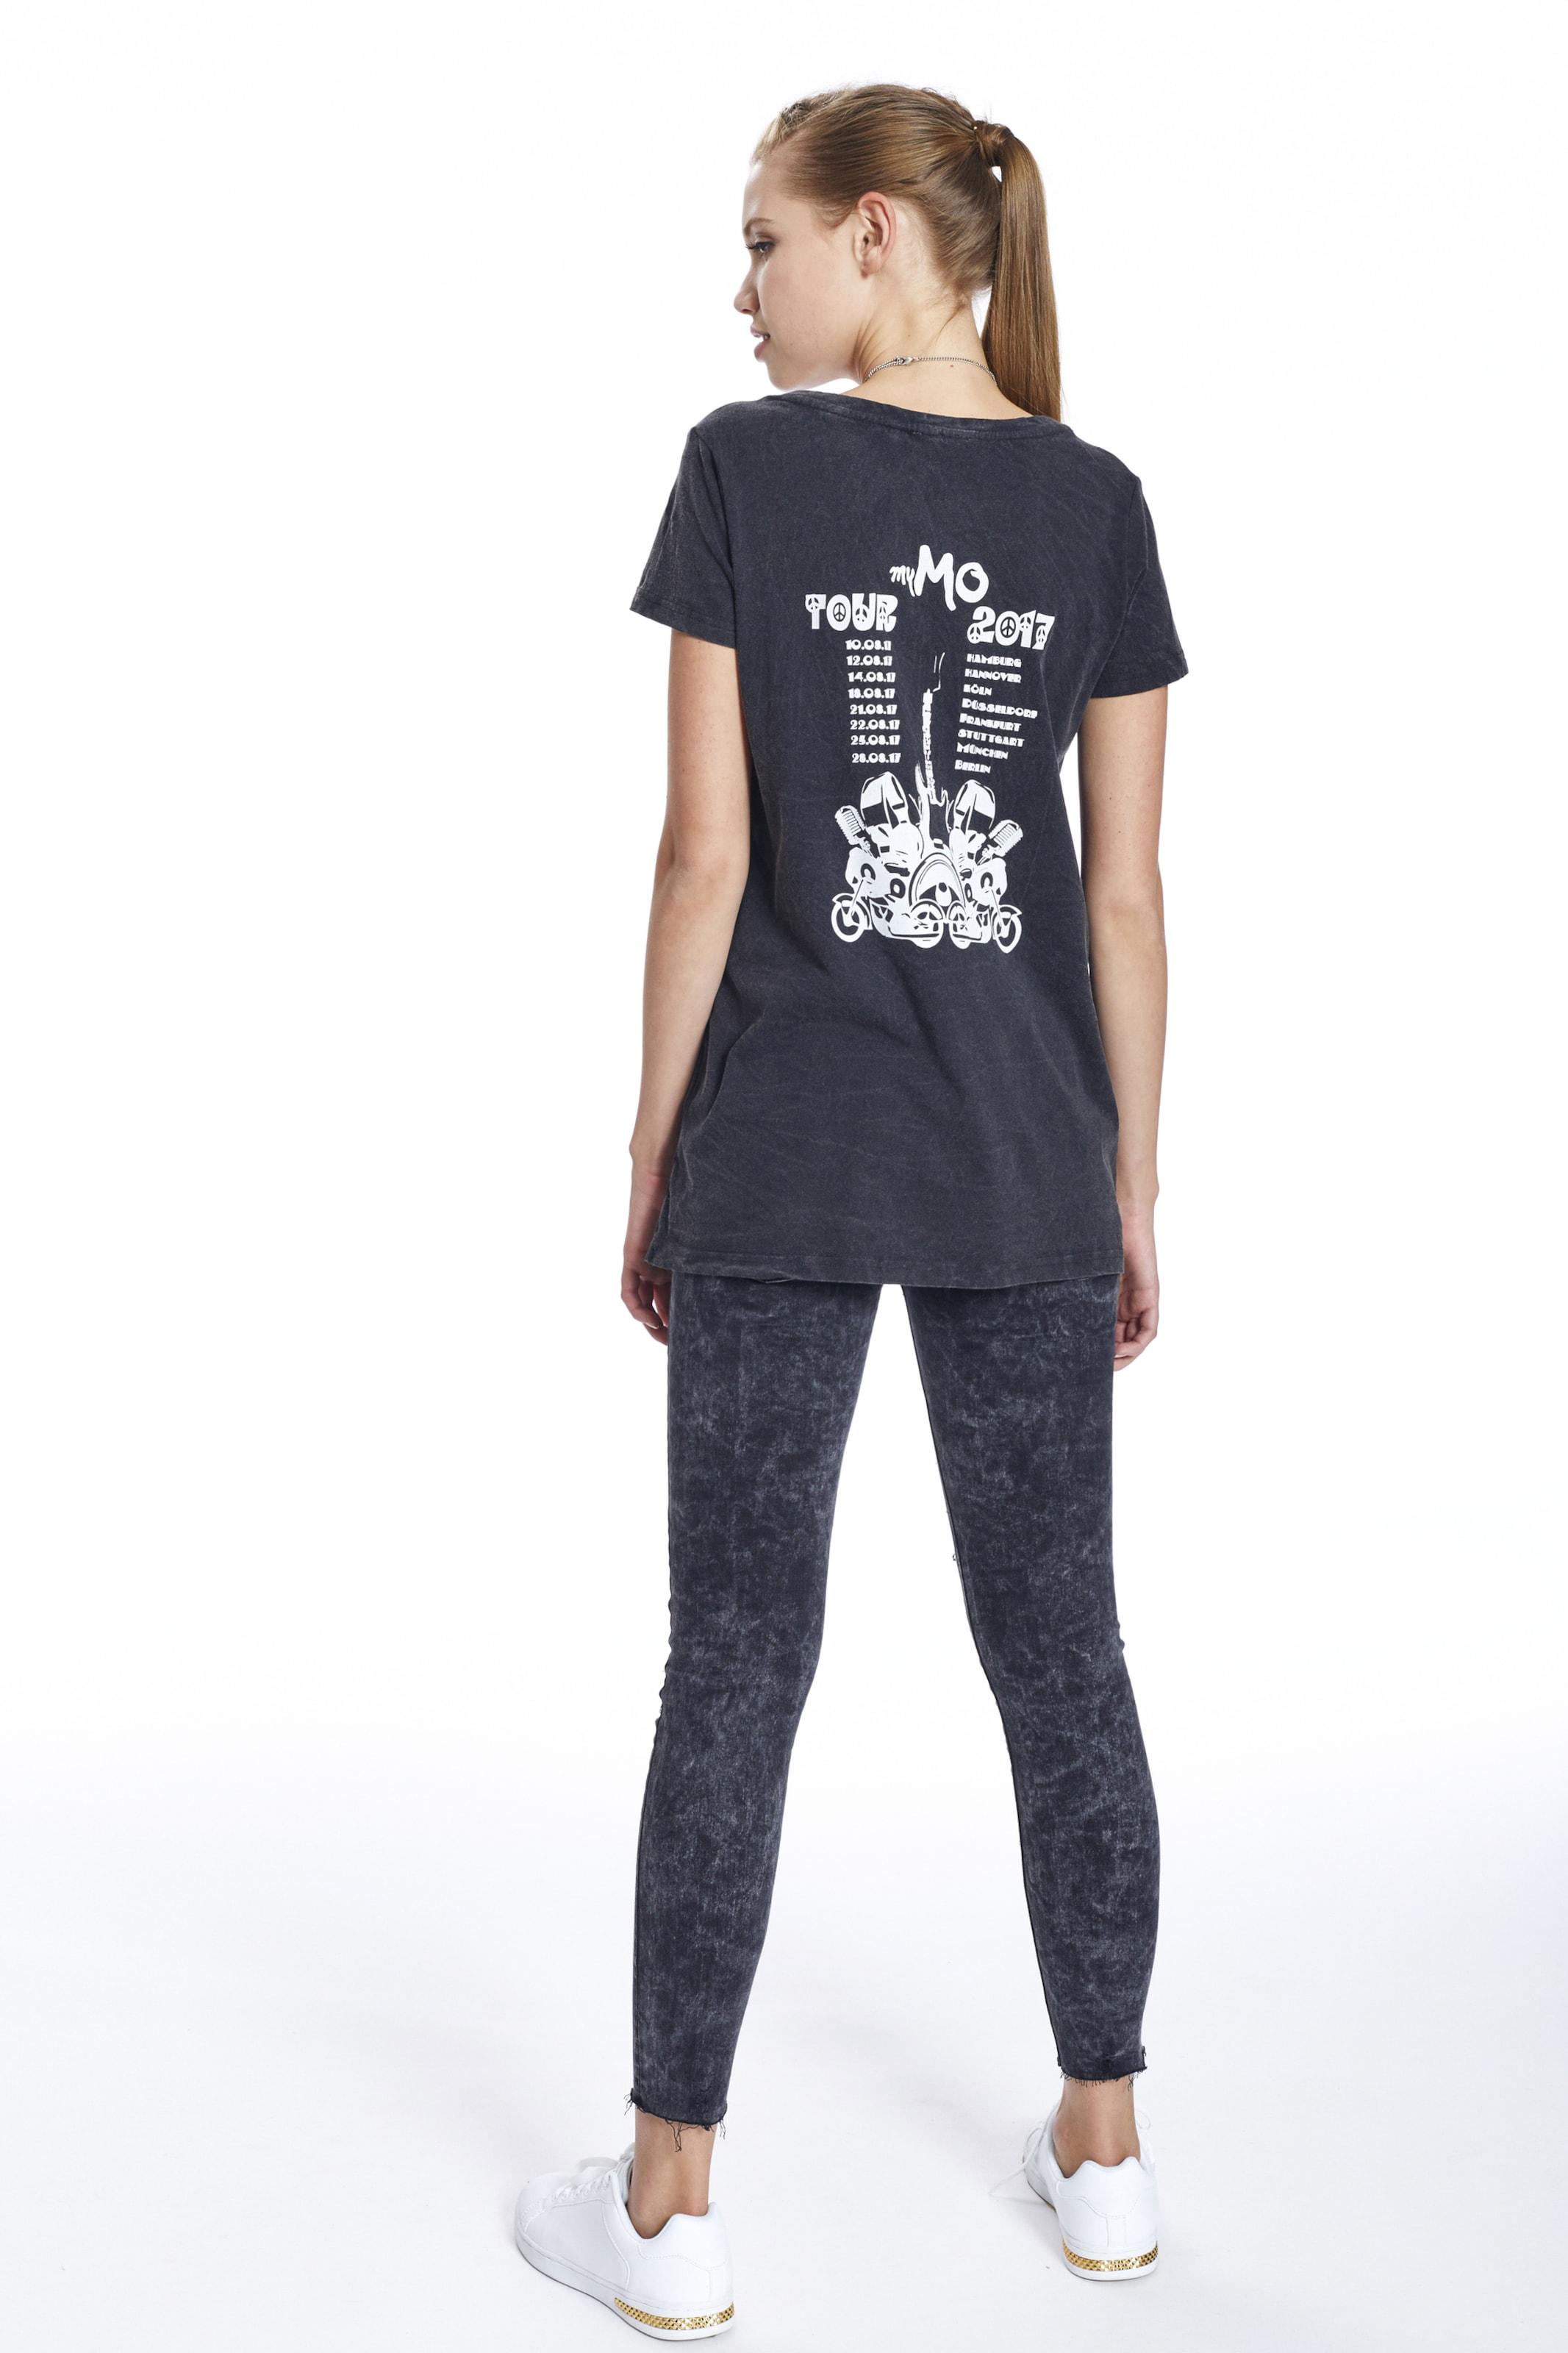 MYMO T-Shirt Empfehlen Zum Verkauf Spielraum Bester Verkauf Spielraum Günstigsten Preis Billige Visum Zahlung 1ZrJk